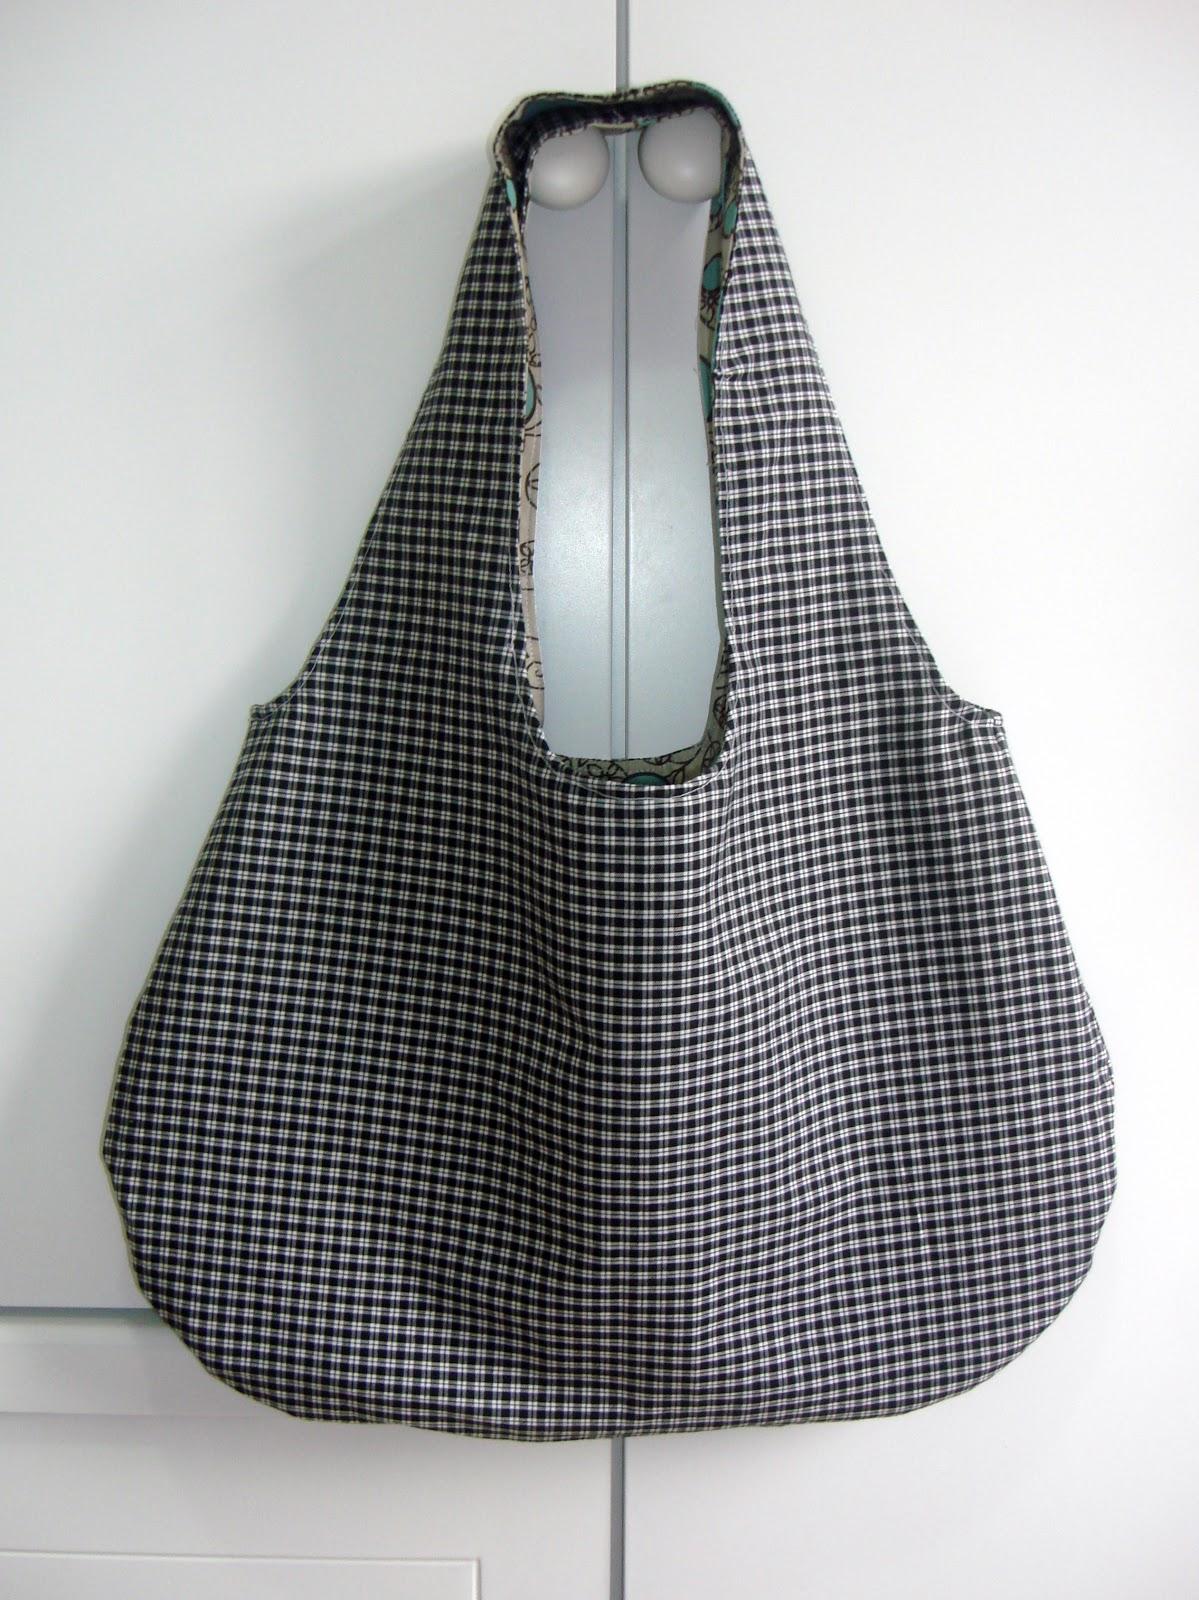 Bolsa De Tecido Linda : Arte de unir retalhos bolsa tecido revers?vel